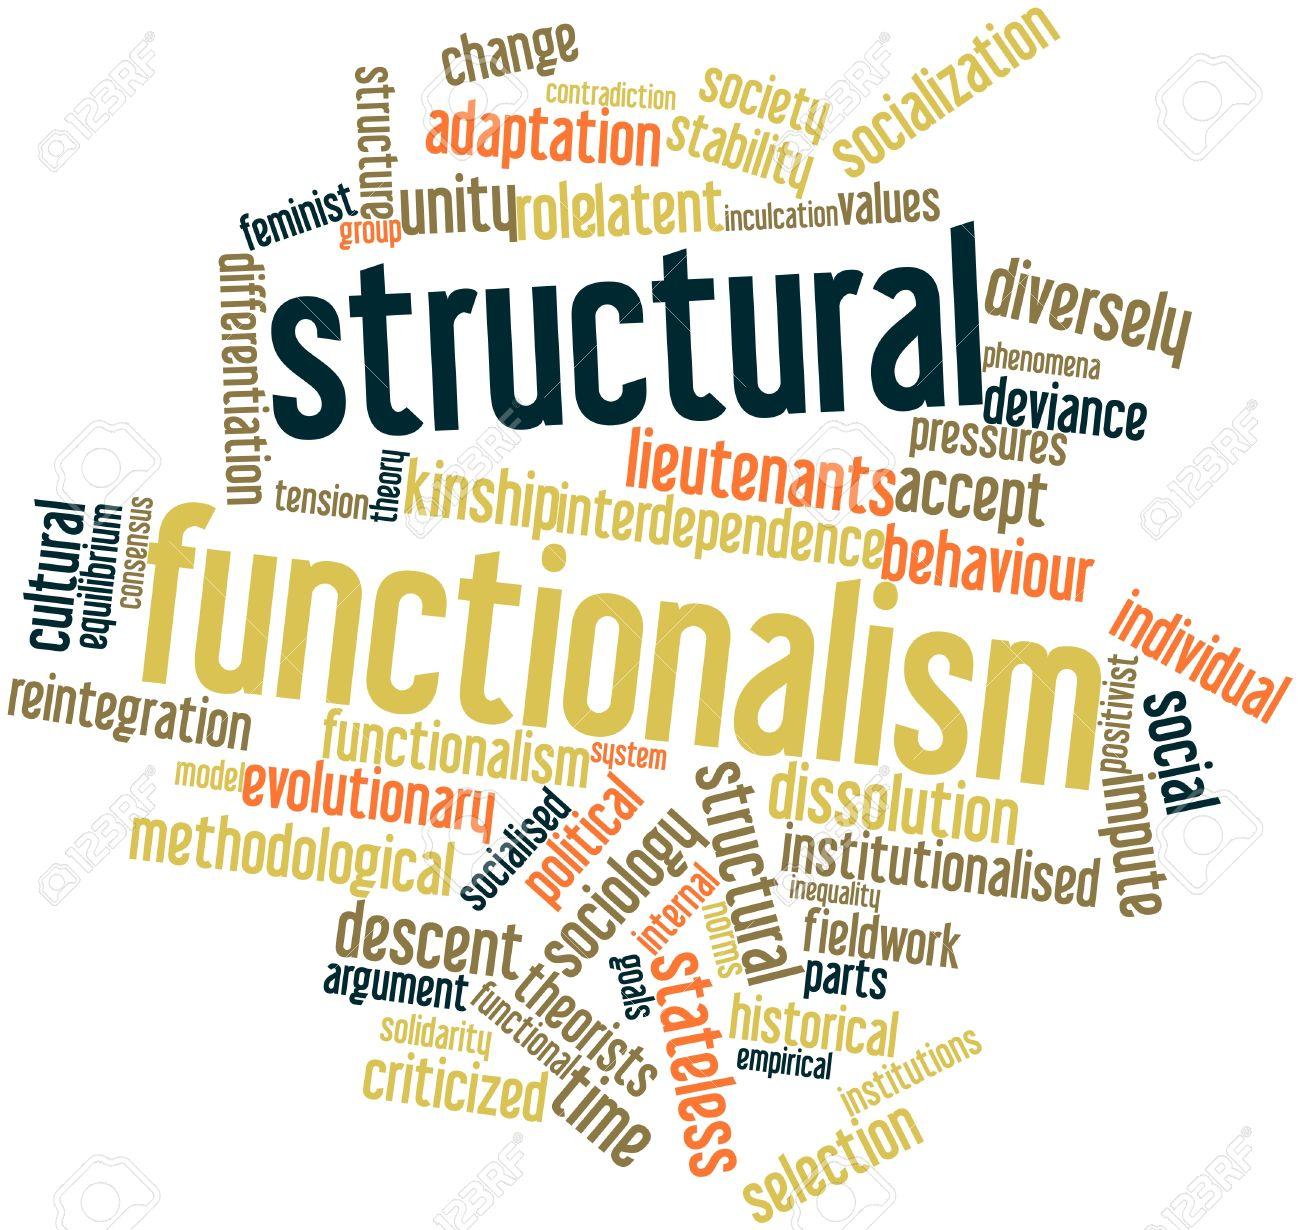 Nube Palabra Abstracta Para El Funcionalismo Estructural Con Las Etiquetas Y Términos Relacionados